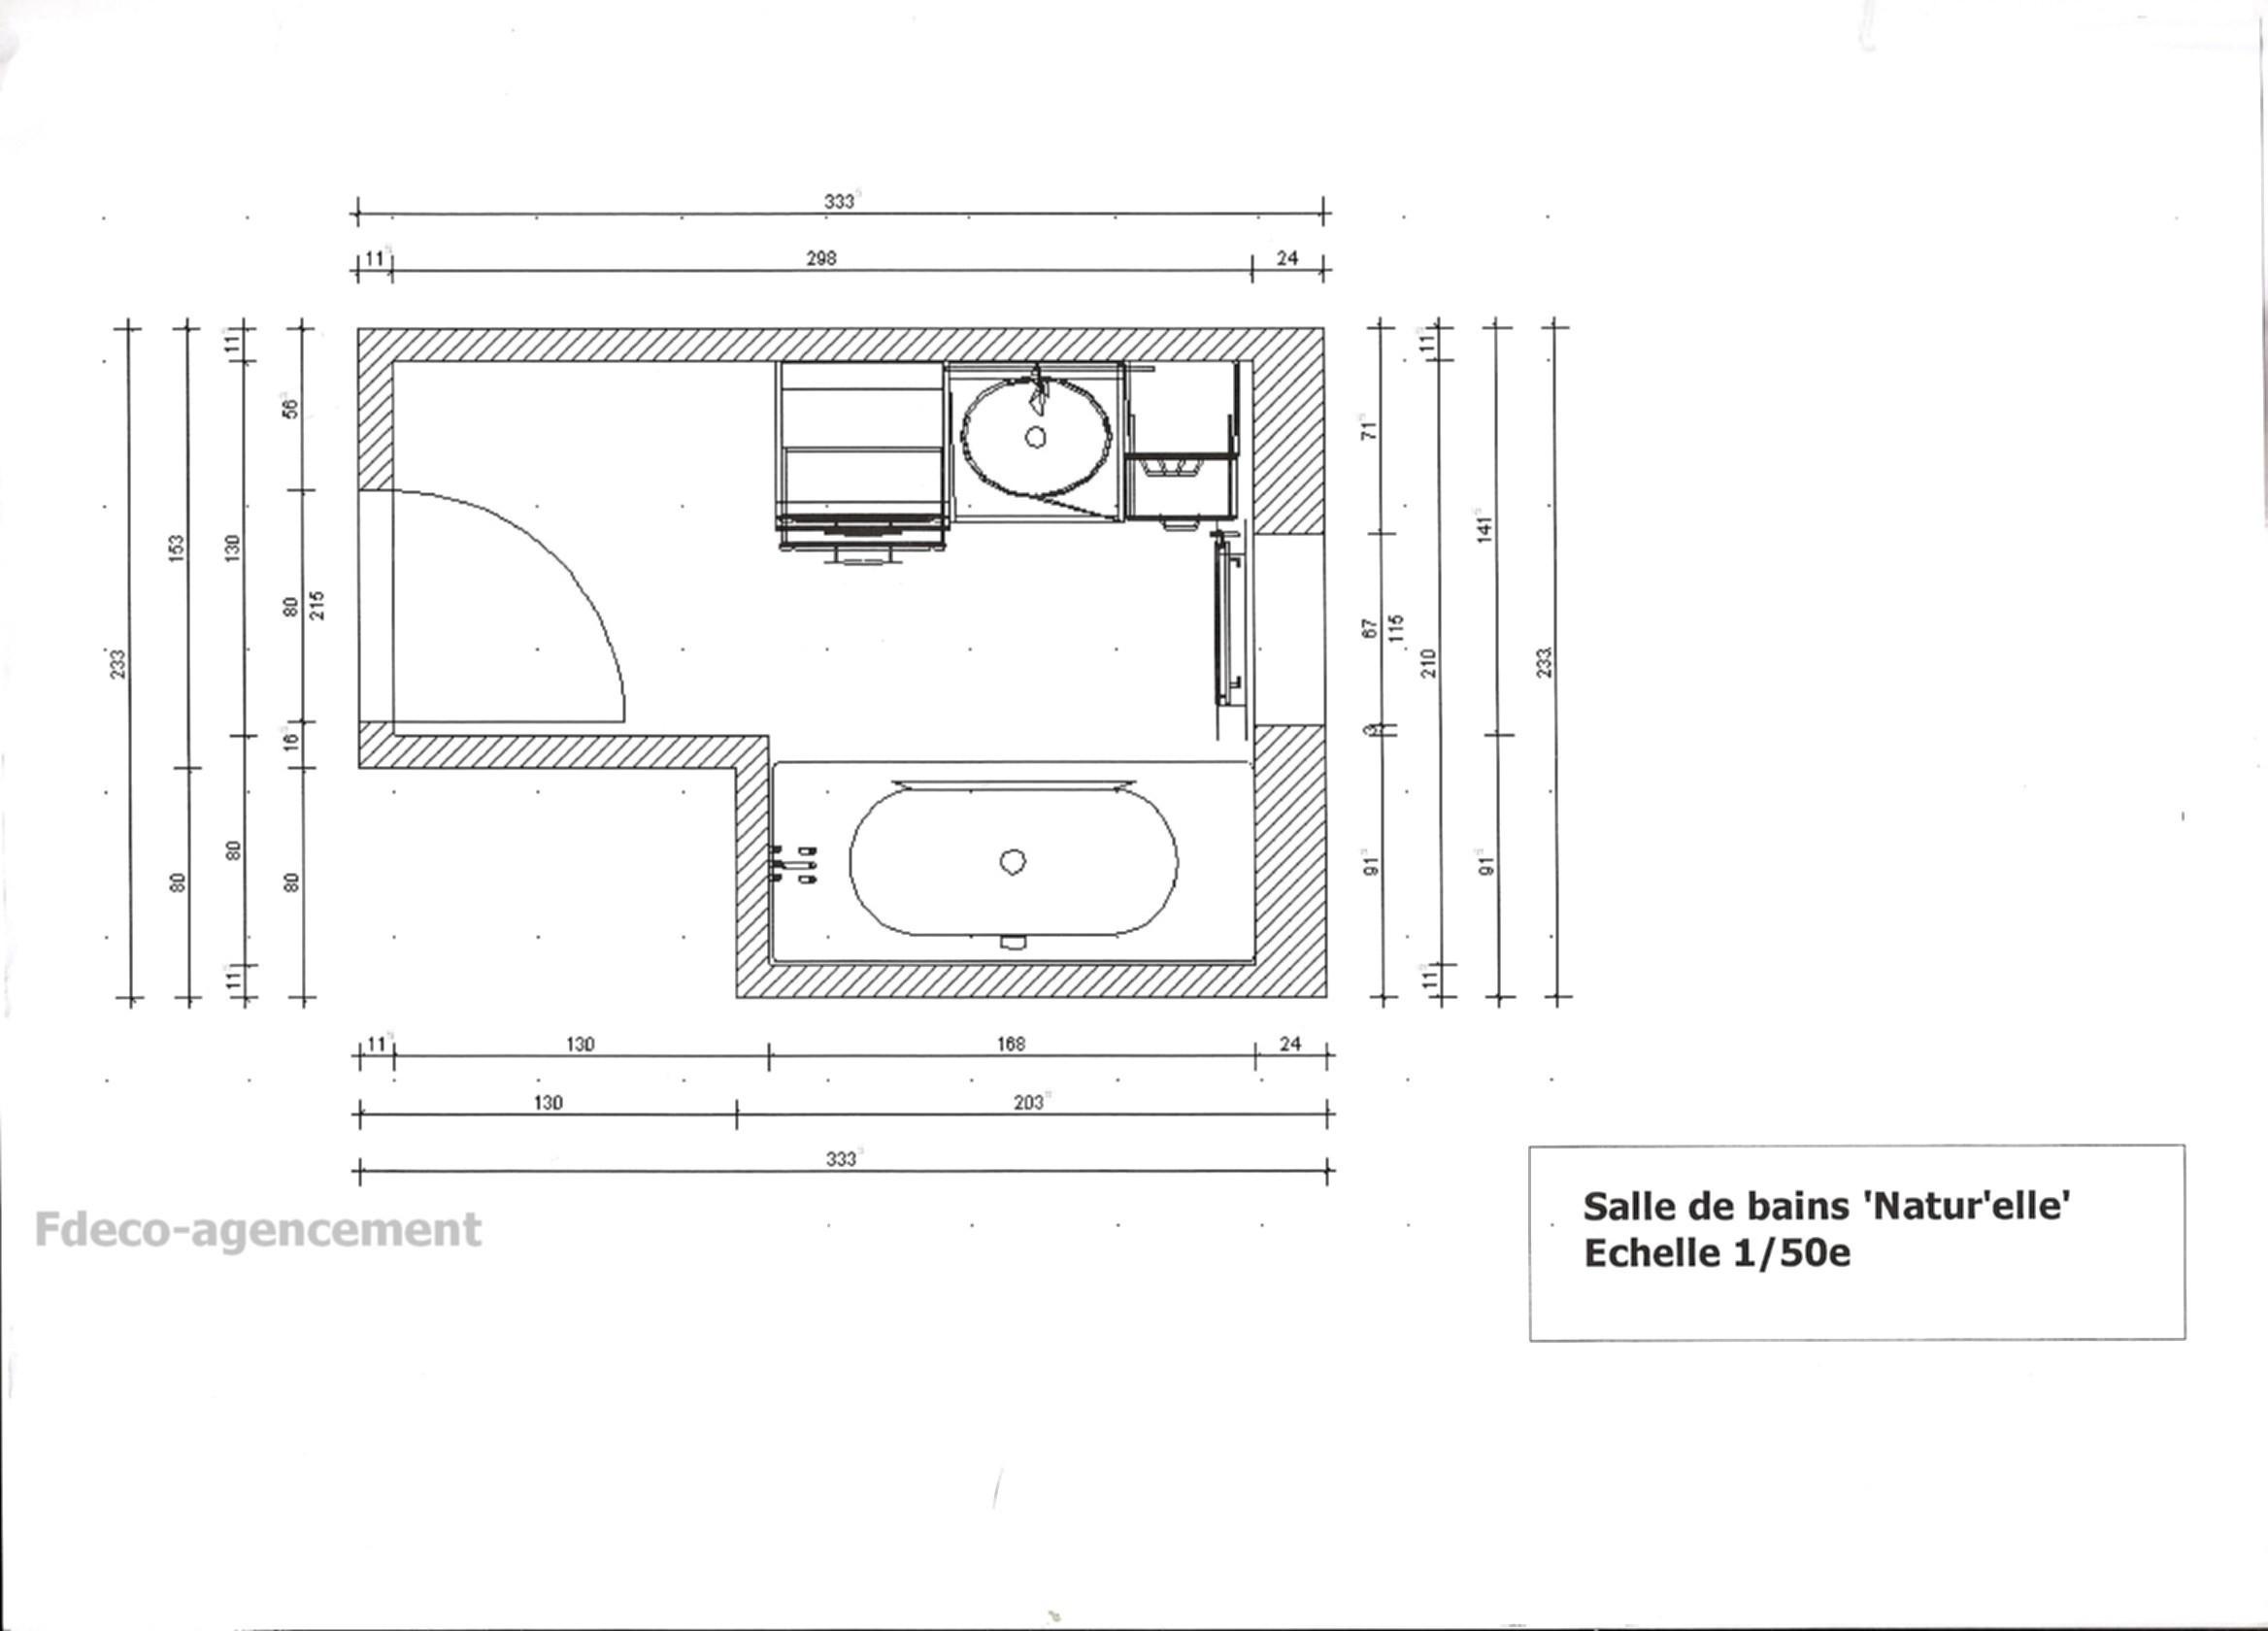 Aménagement Jardin En Pente Douce Beau 30 Luxe Chaise De Bain Pour Handicapé Inspirations Of 52 Élégant Aménagement Jardin En Pente Douce